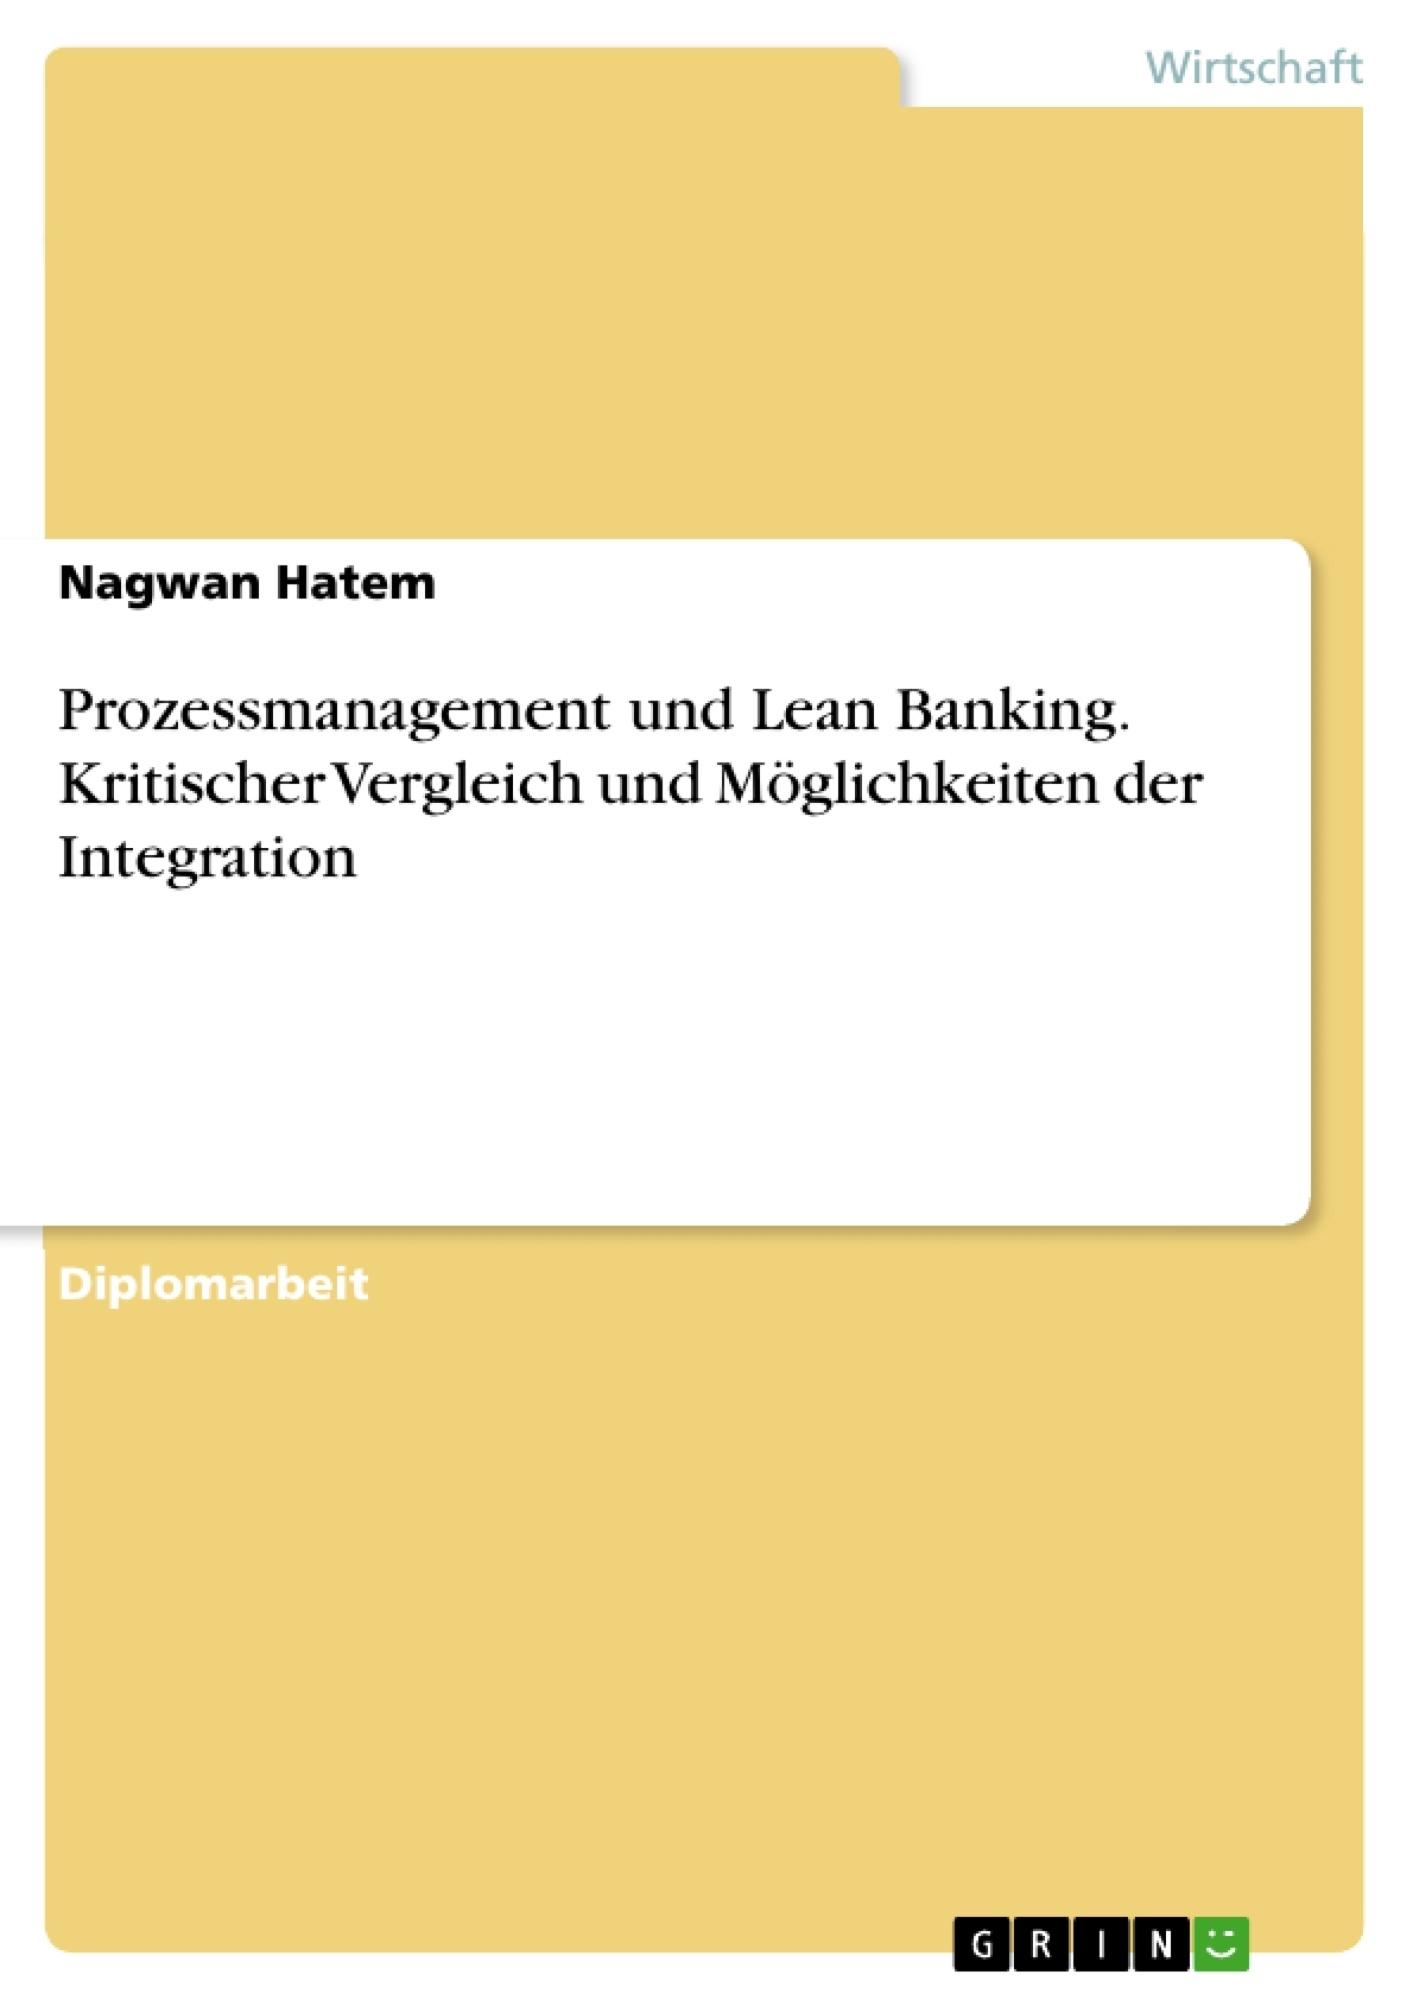 Titel: Prozessmanagement und Lean Banking. Kritischer Vergleich und Möglichkeiten der Integration